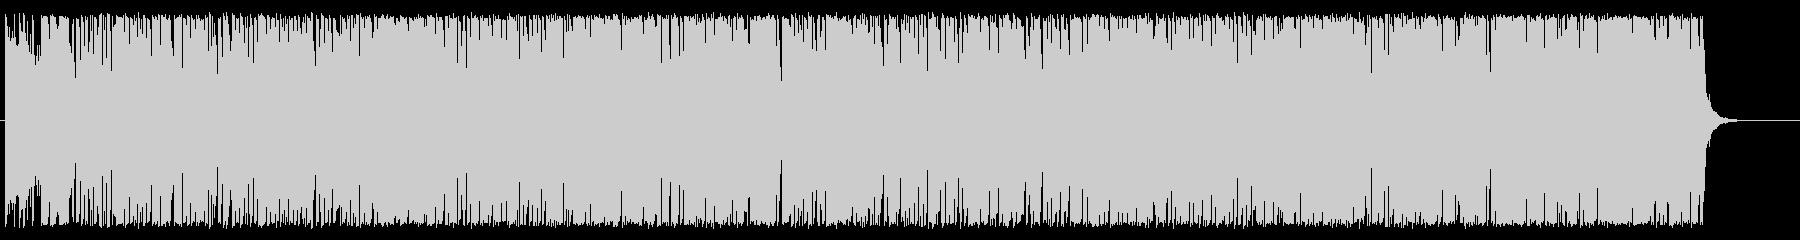 おどけた感じ可愛いく明るいシューマンの曲の未再生の波形